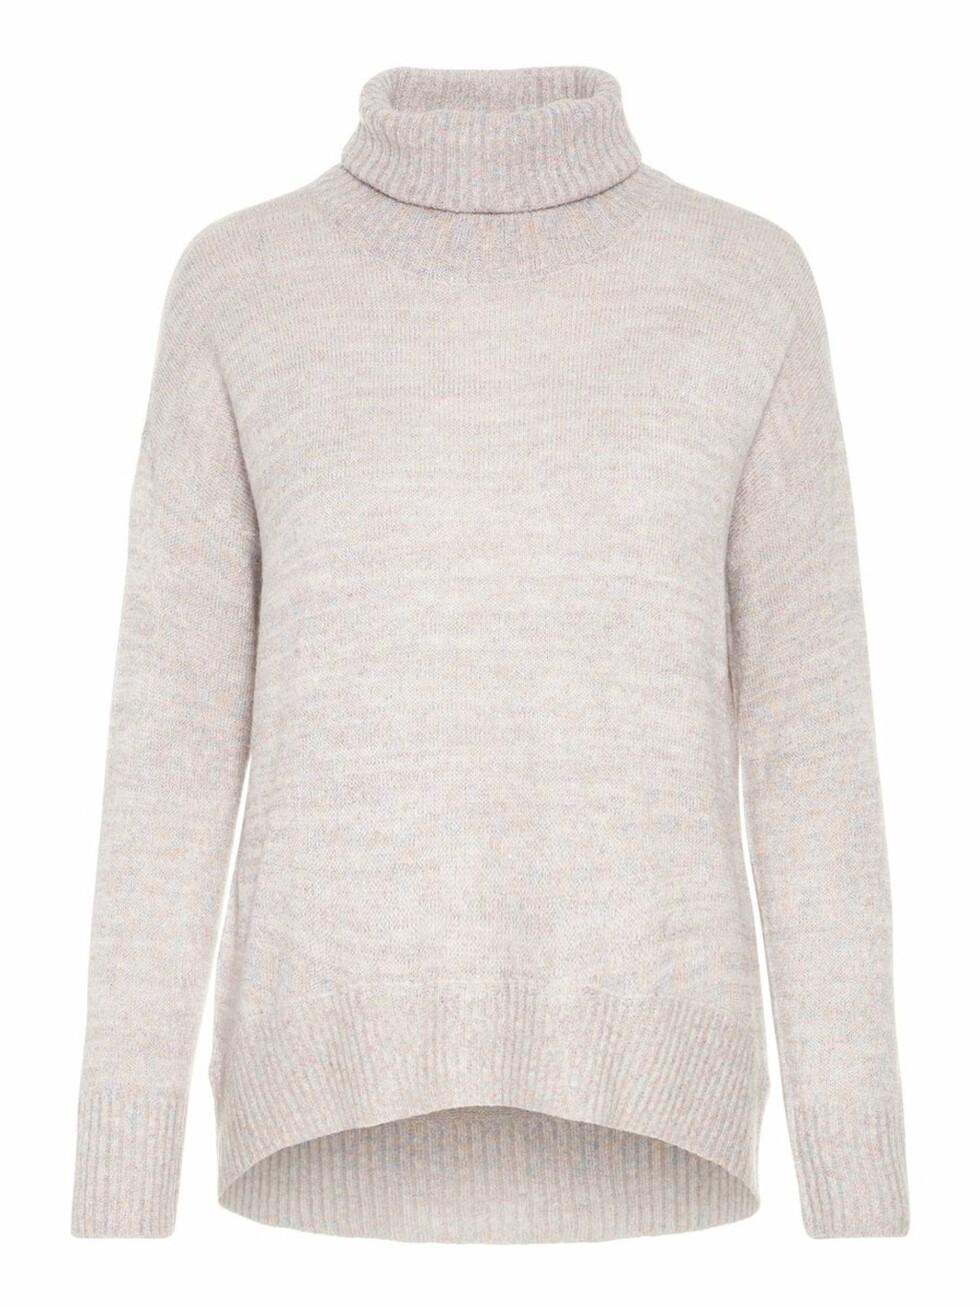 <strong>Genser fra Vero Moda  250,-  https:</strong>//www.veromoda.com/no/no/vm/kjoep-etter-kategori/strikk/glitrende-strikket-pullover-10206524.html?cgid=vm-knitwear&dwvar_colorPattern=10206524_Eggnog_652908